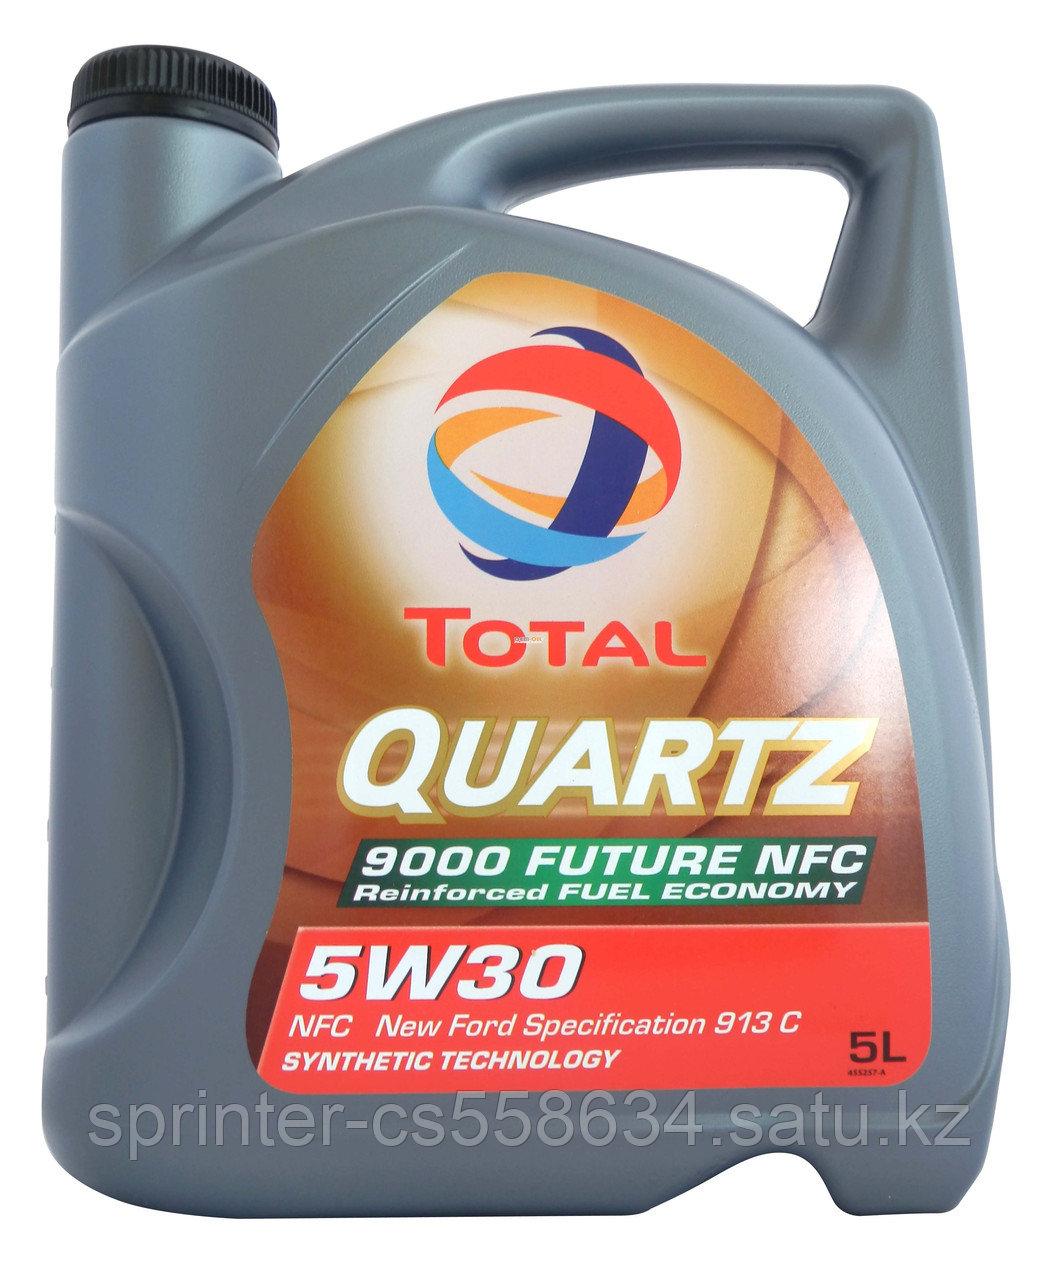 Моторное масло TOTAL QUARTZ 9000 5w30 5 литров